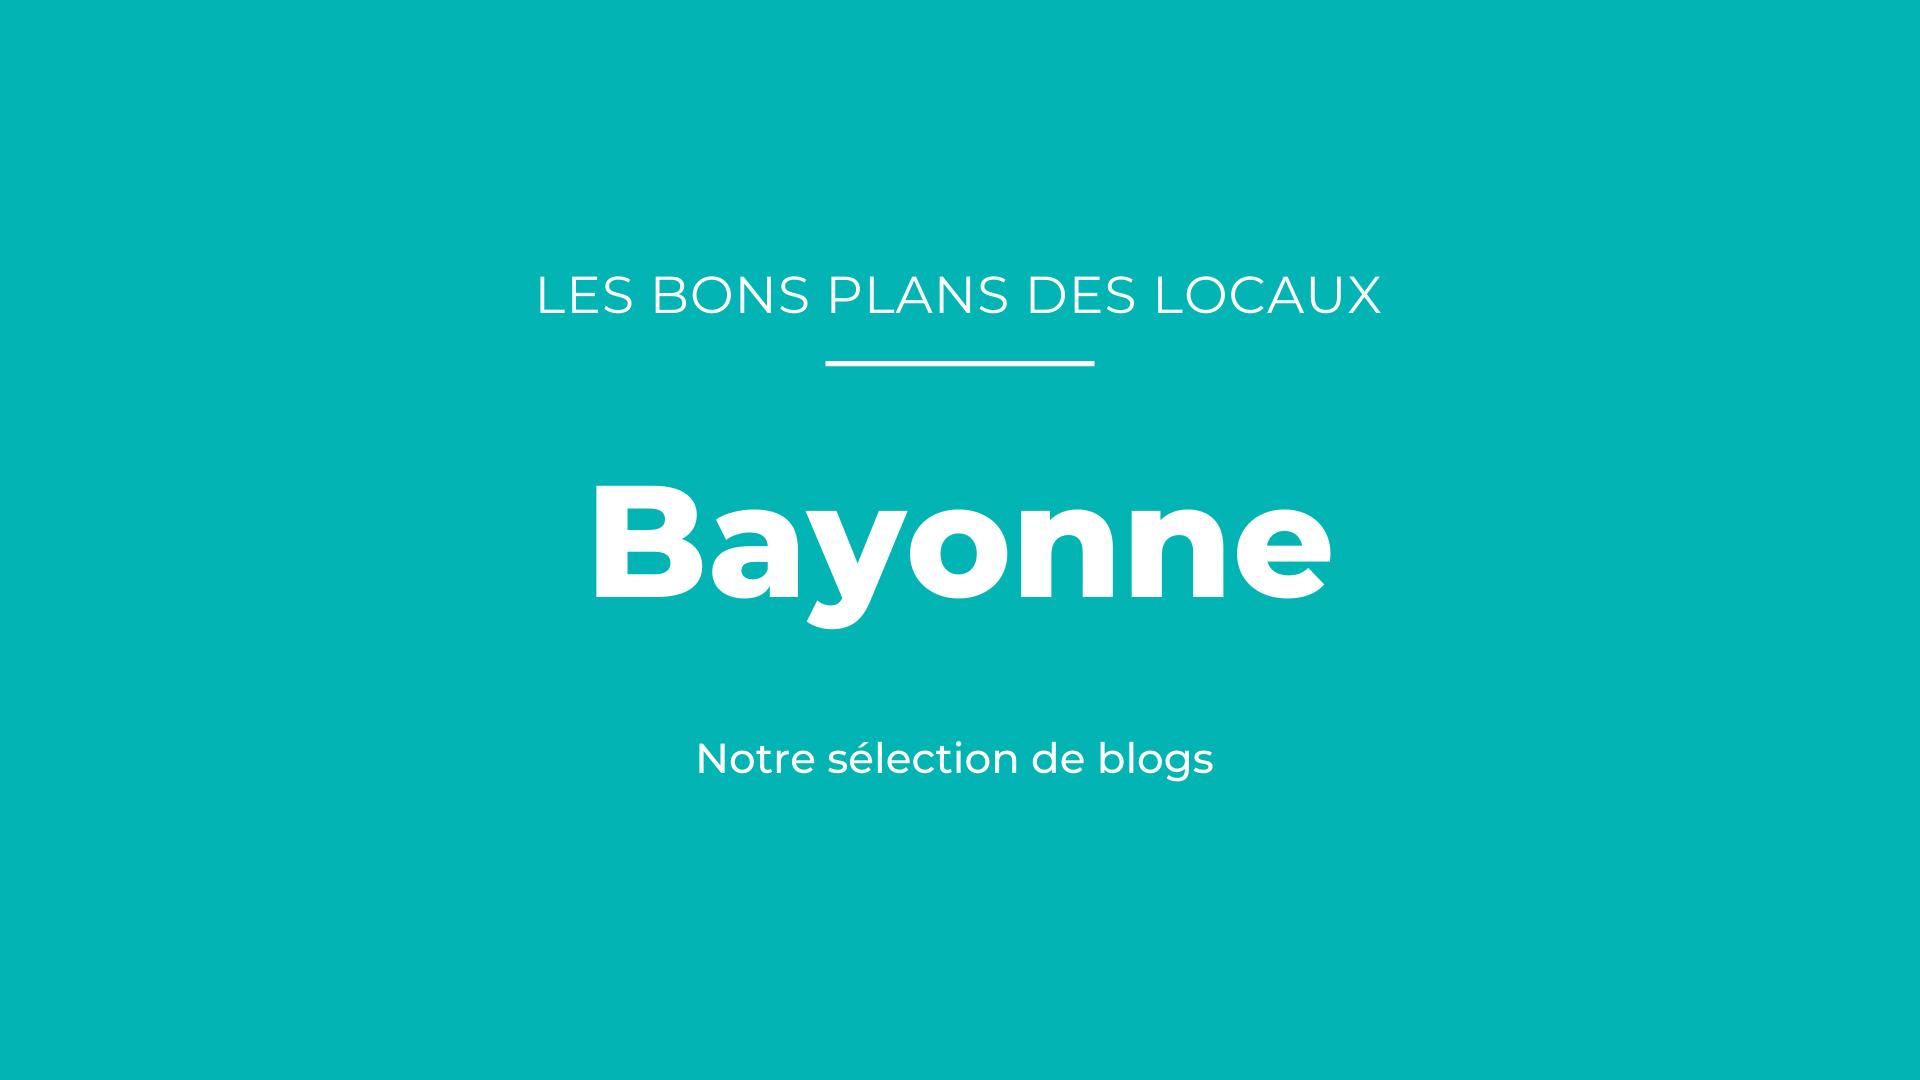 Notre sélection de blogs à Bayonne